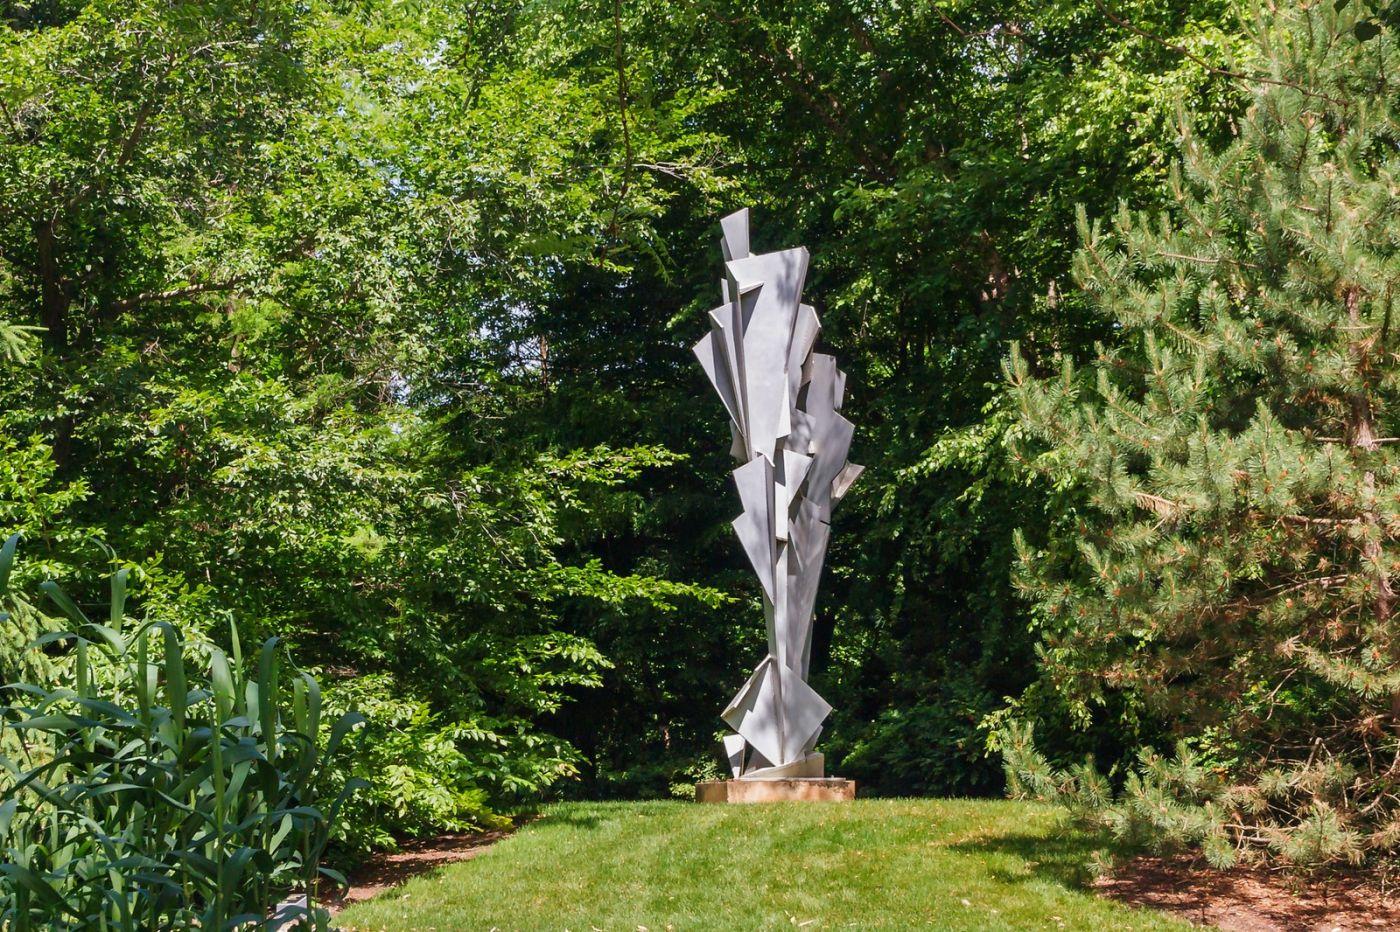 新澤西州雕塑公園(Grounds for scuplture),題材很廣_圖1-21